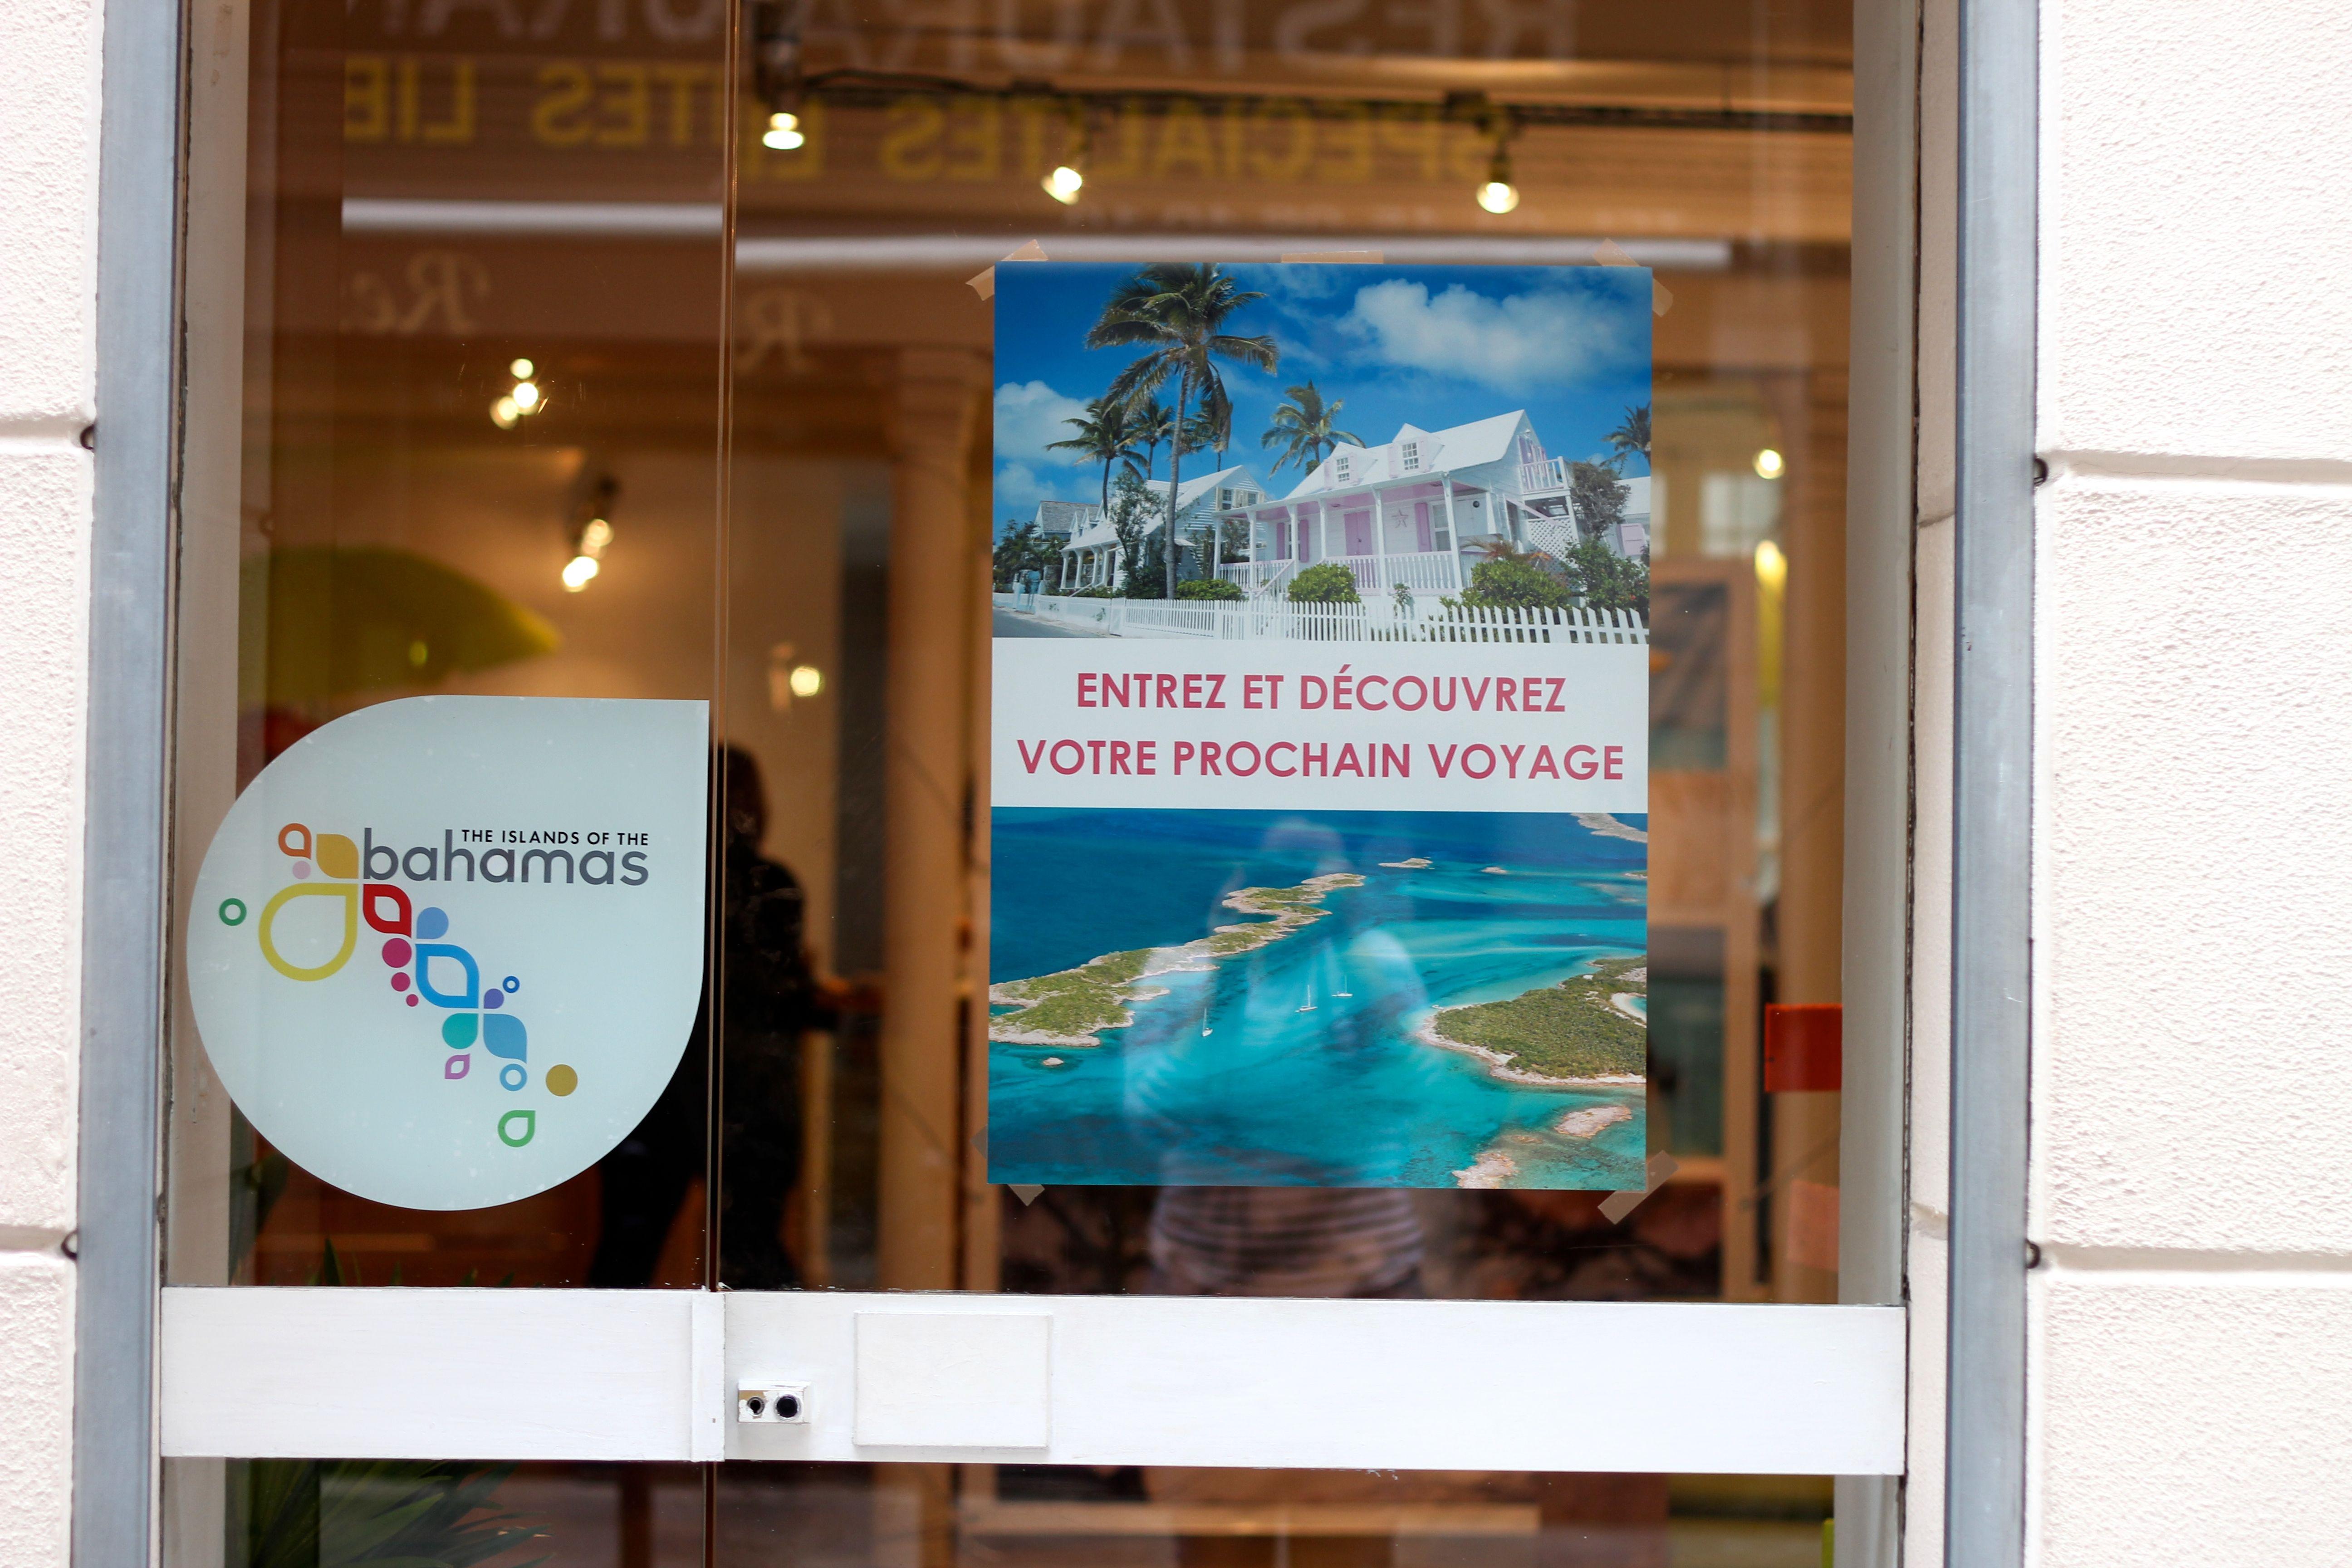 upupup.fr maison des bahamas paris